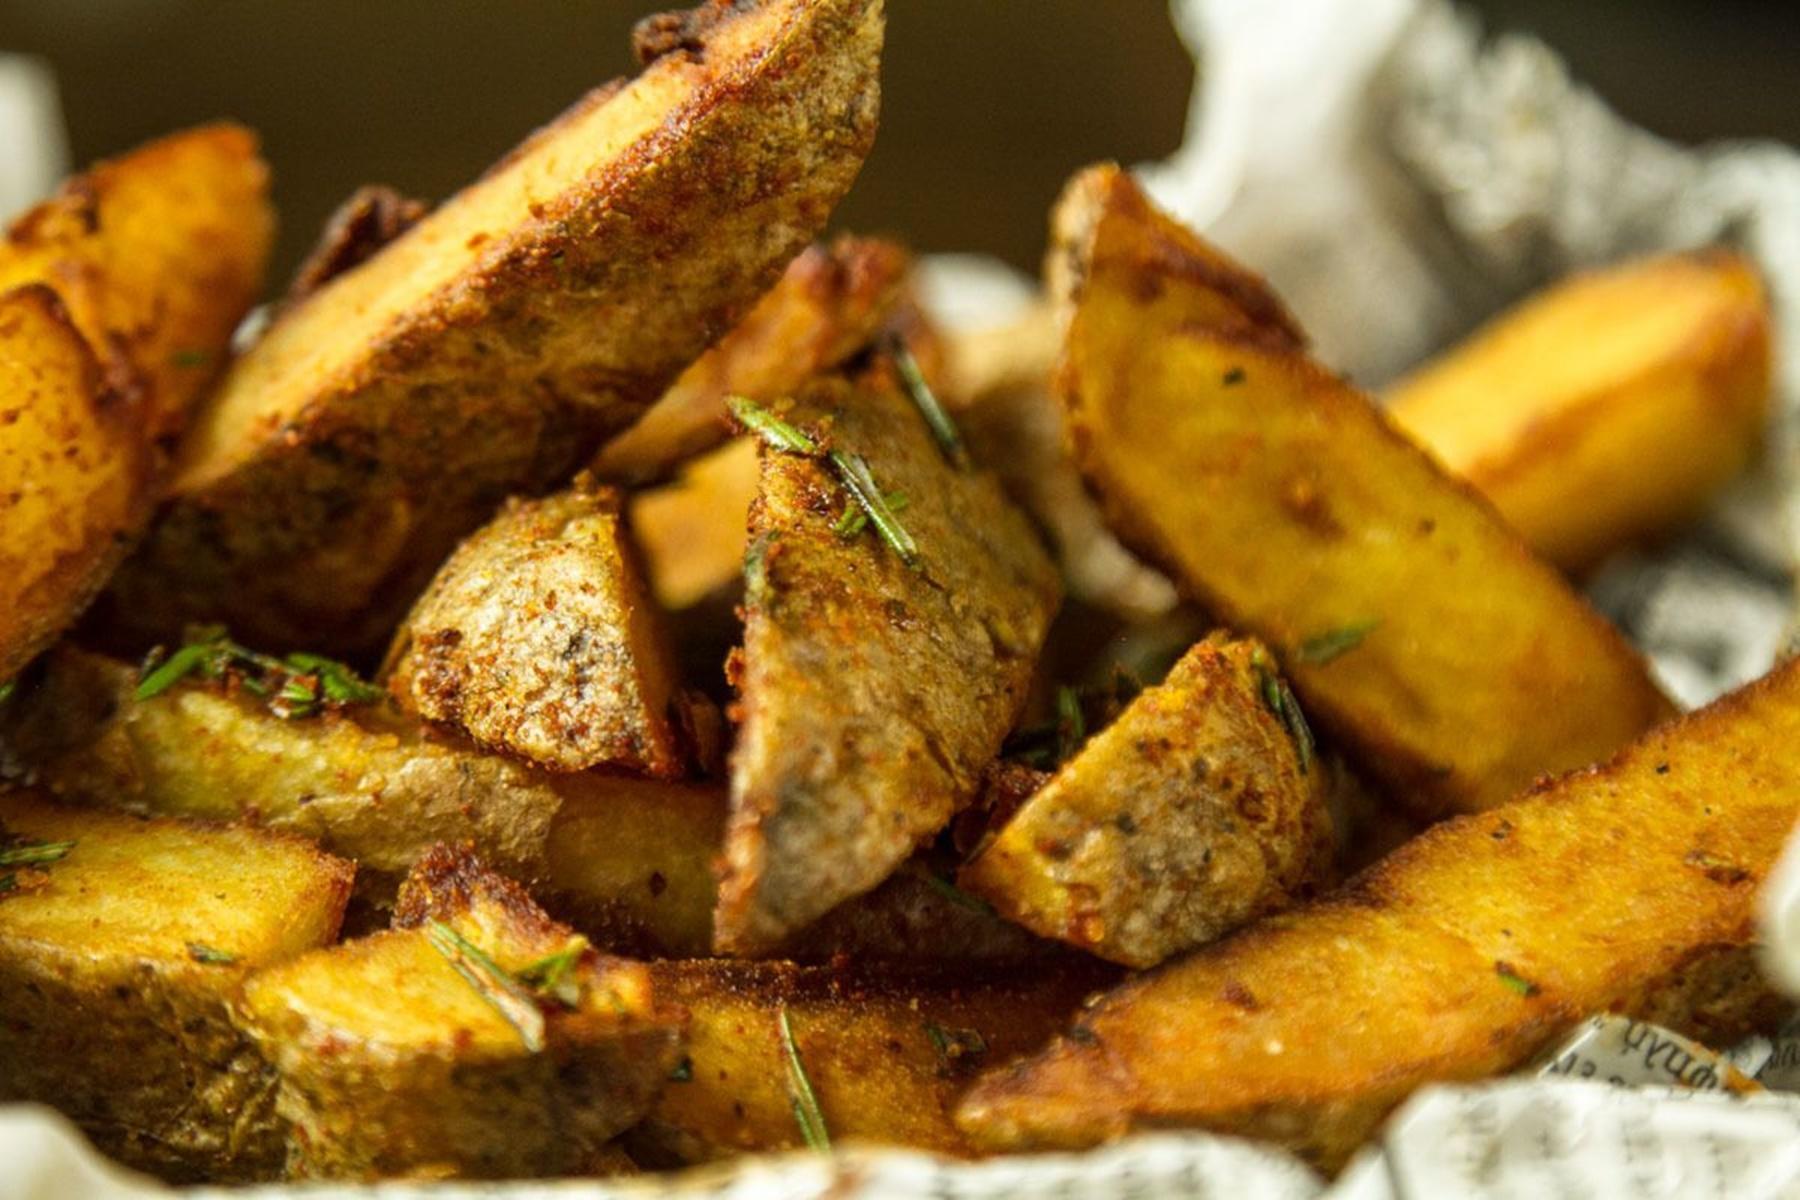 Πατάτες : Τα οφέλη τους στον οργανισμό